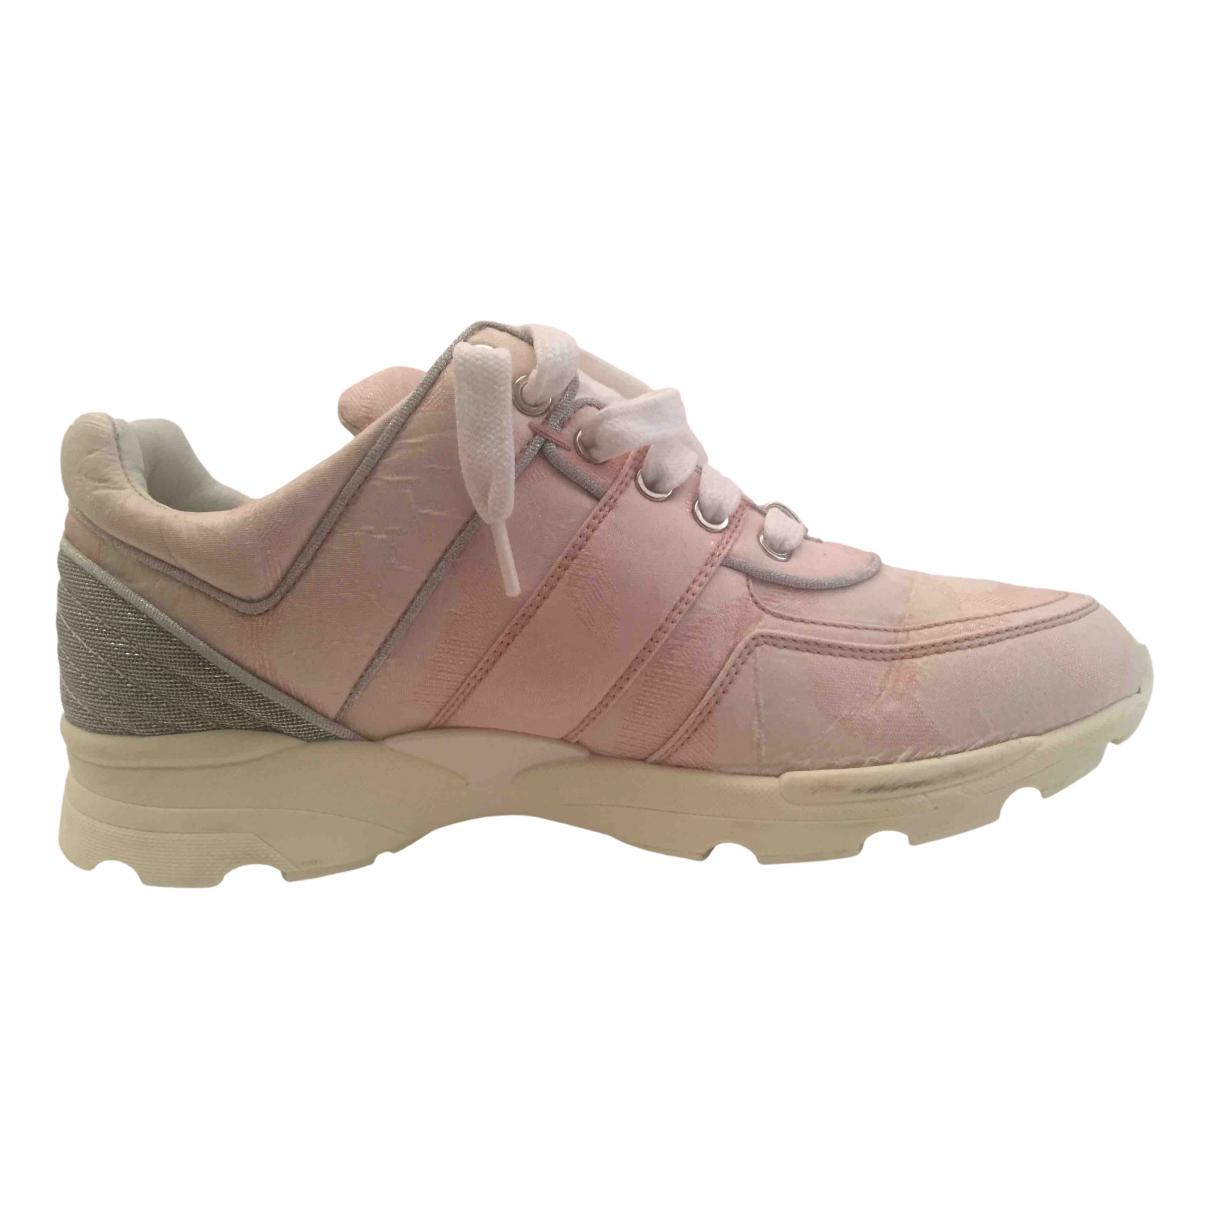 Chanel - Baskets   pour femme - rose